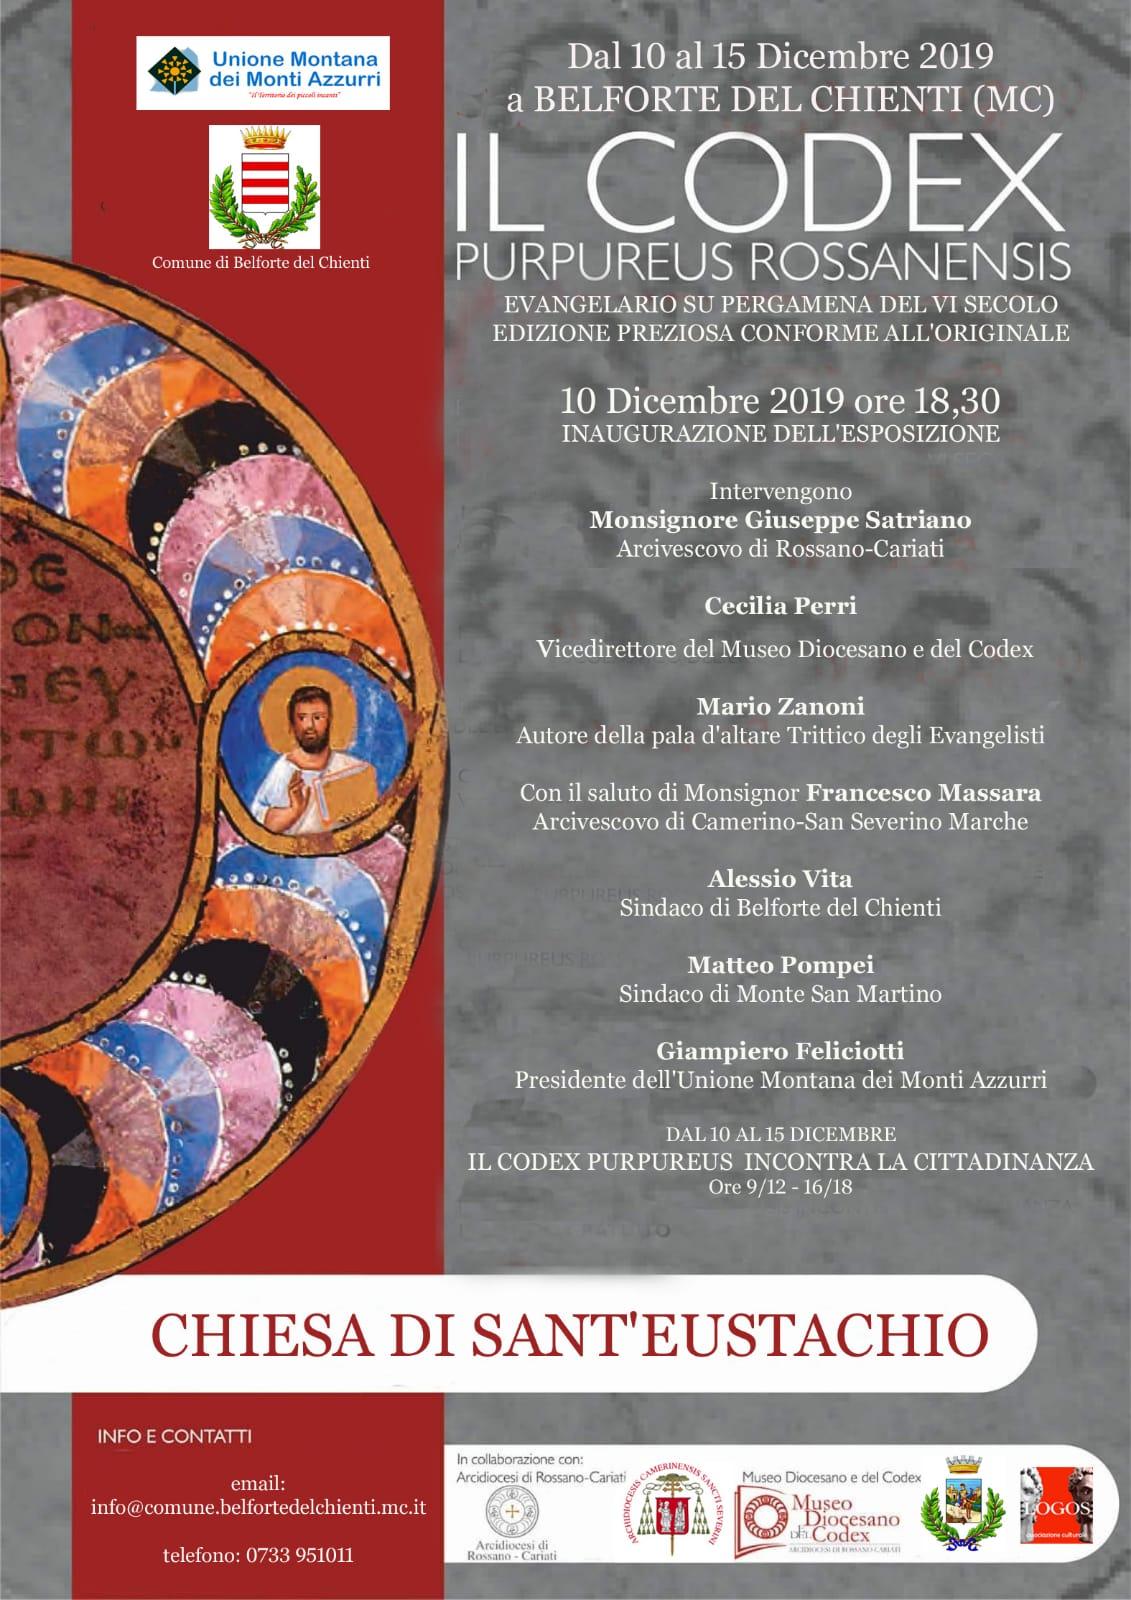 Il Codex Purpureus Rossanensis presentato nella cittadina marchigiana di Belforte del Chienti (MC)